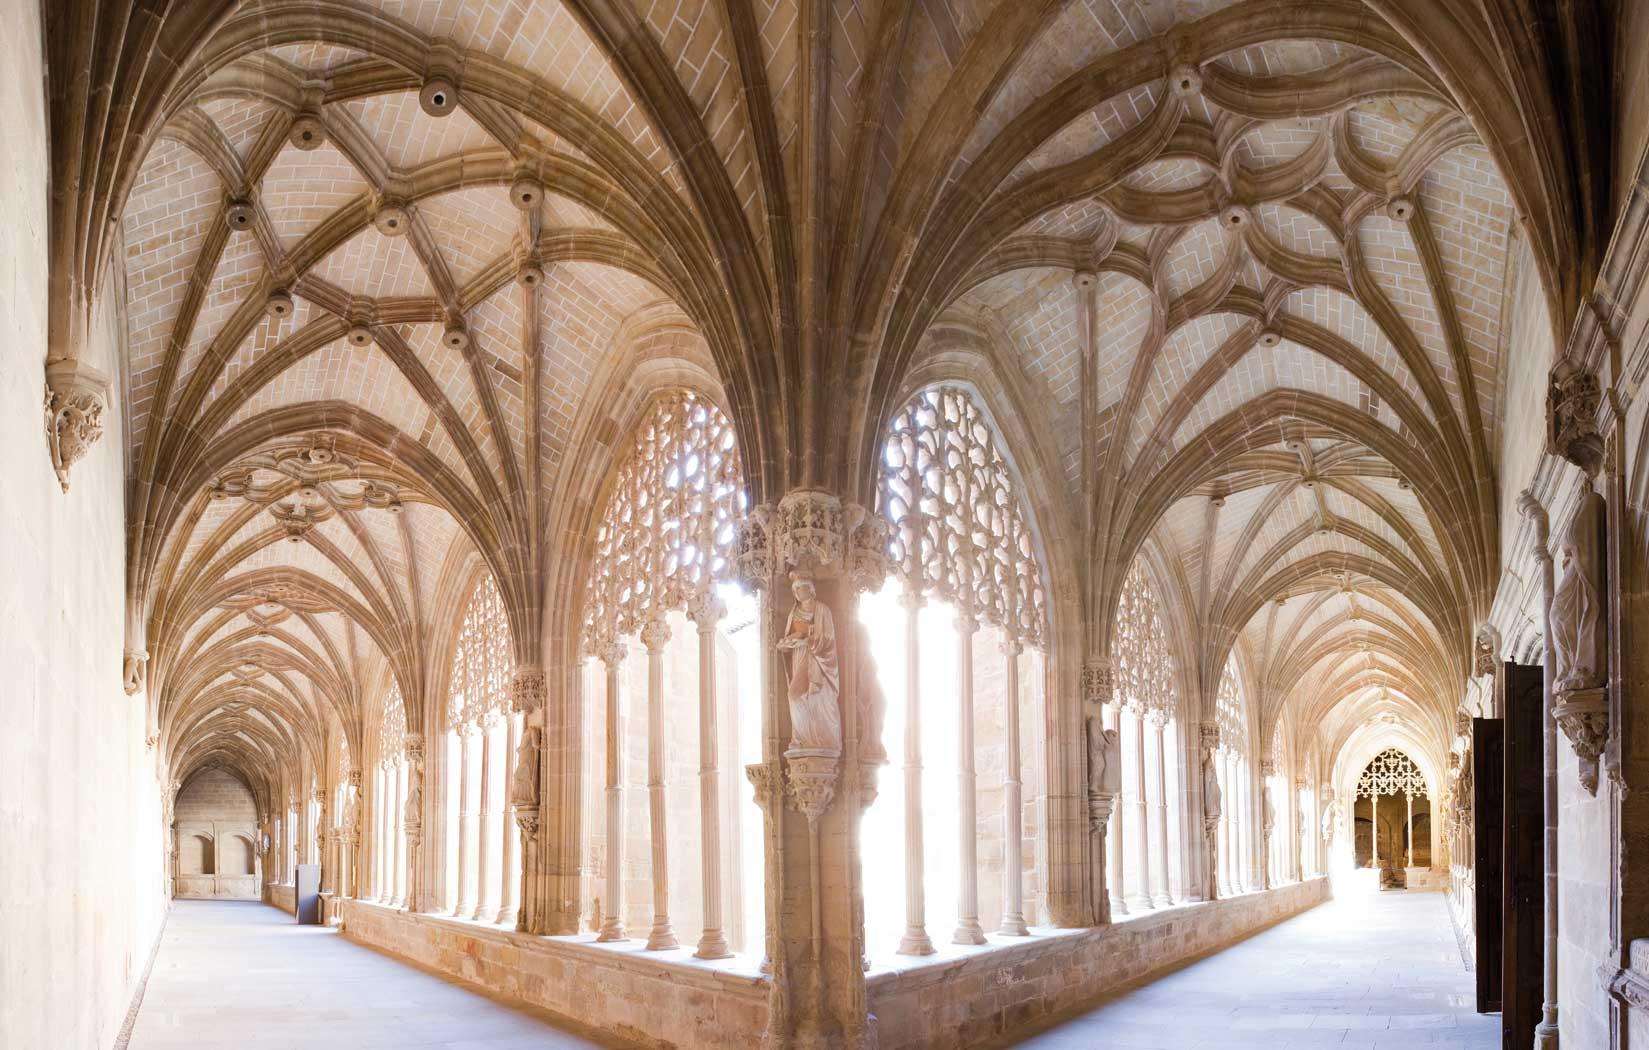 Arquitectura xacopedia for Arquitectura medieval